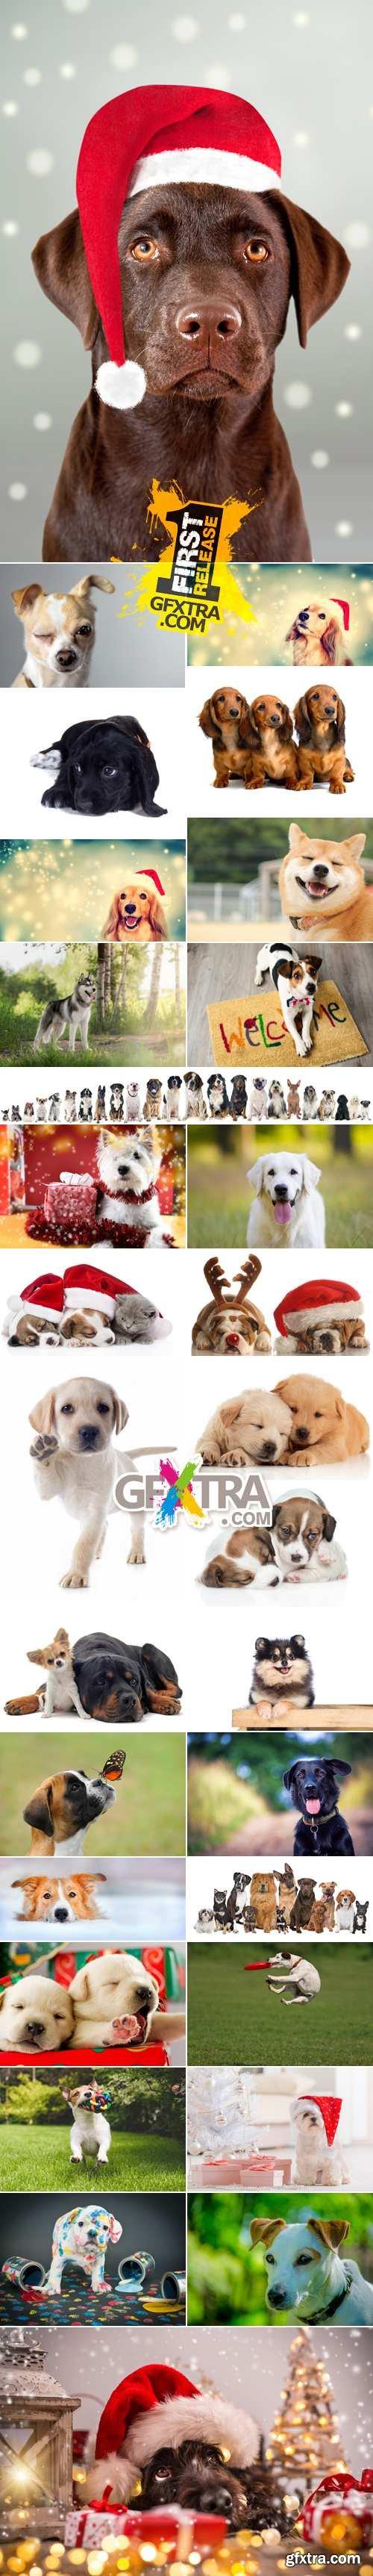 Stock Photo - Dog - Symbol of 2018 Year